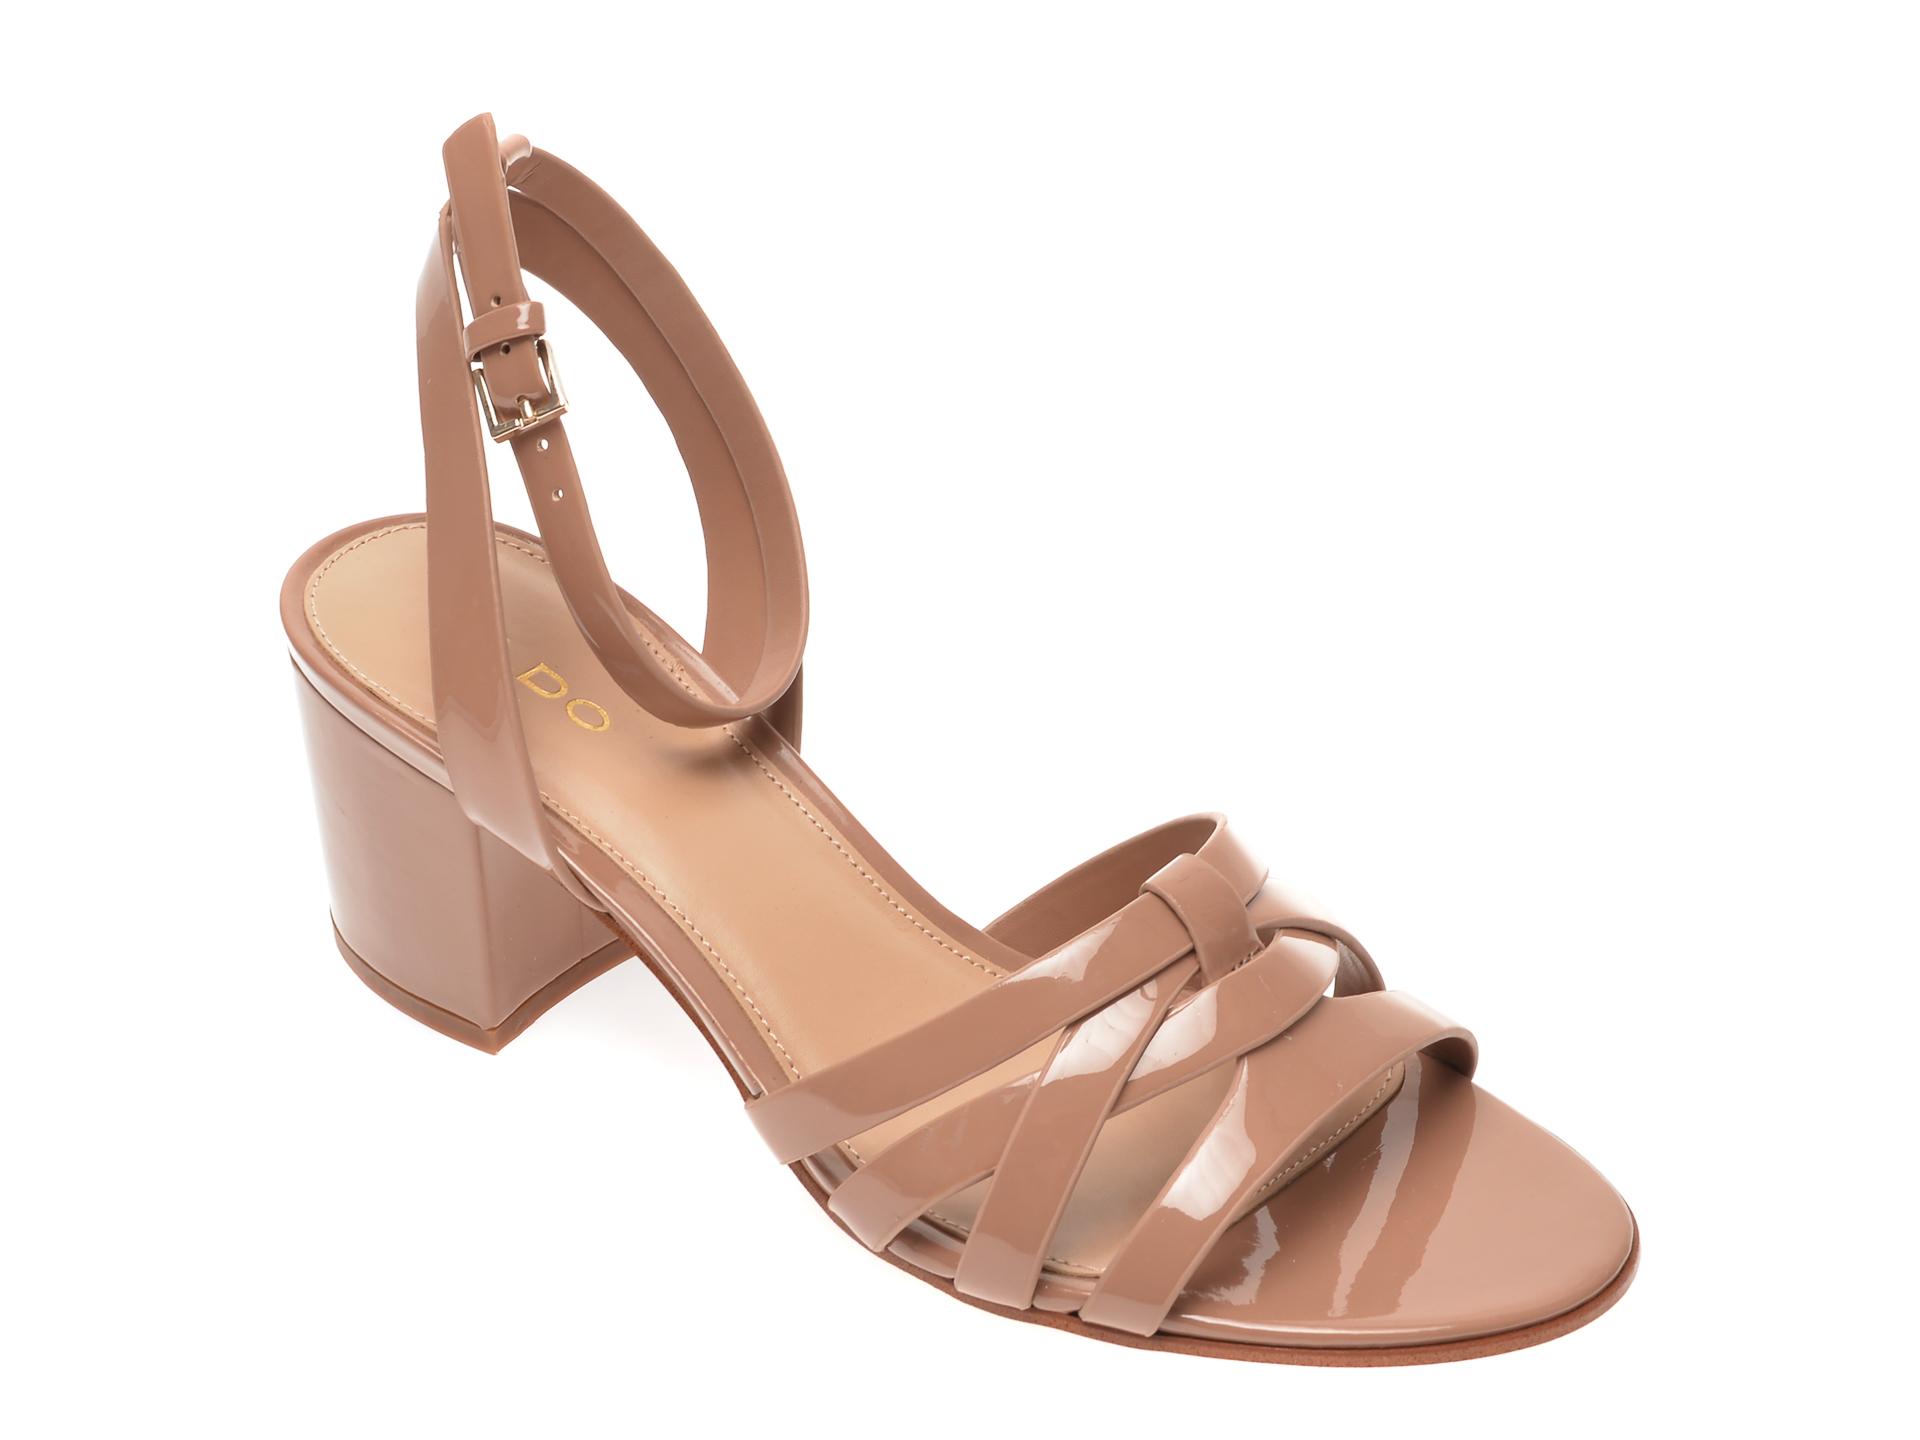 Sandale ALDO nude, Hillia270, din piele ecologica